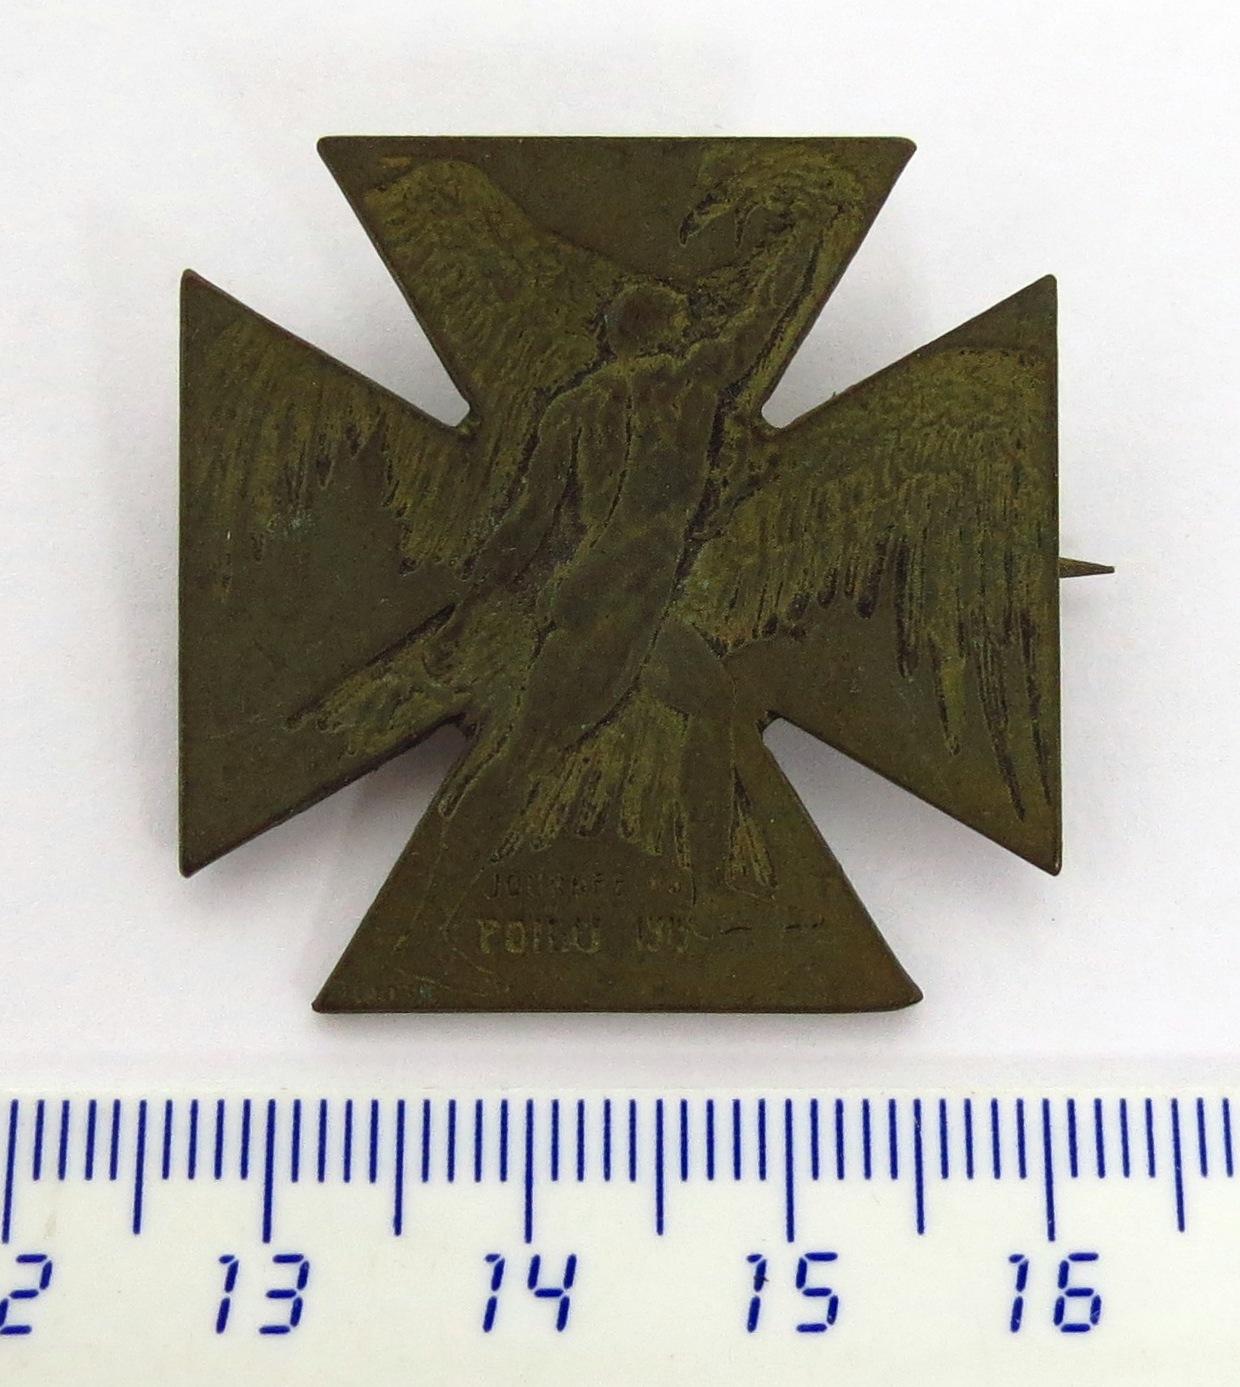 סיכה-מדליה Journe du Poilu 1915 בעיצובו של אמן הזכוכית, נוצרה כדי לאסוף תרומות למאמץ המלחמה ב-1915. מצב XF, כולל סיכה